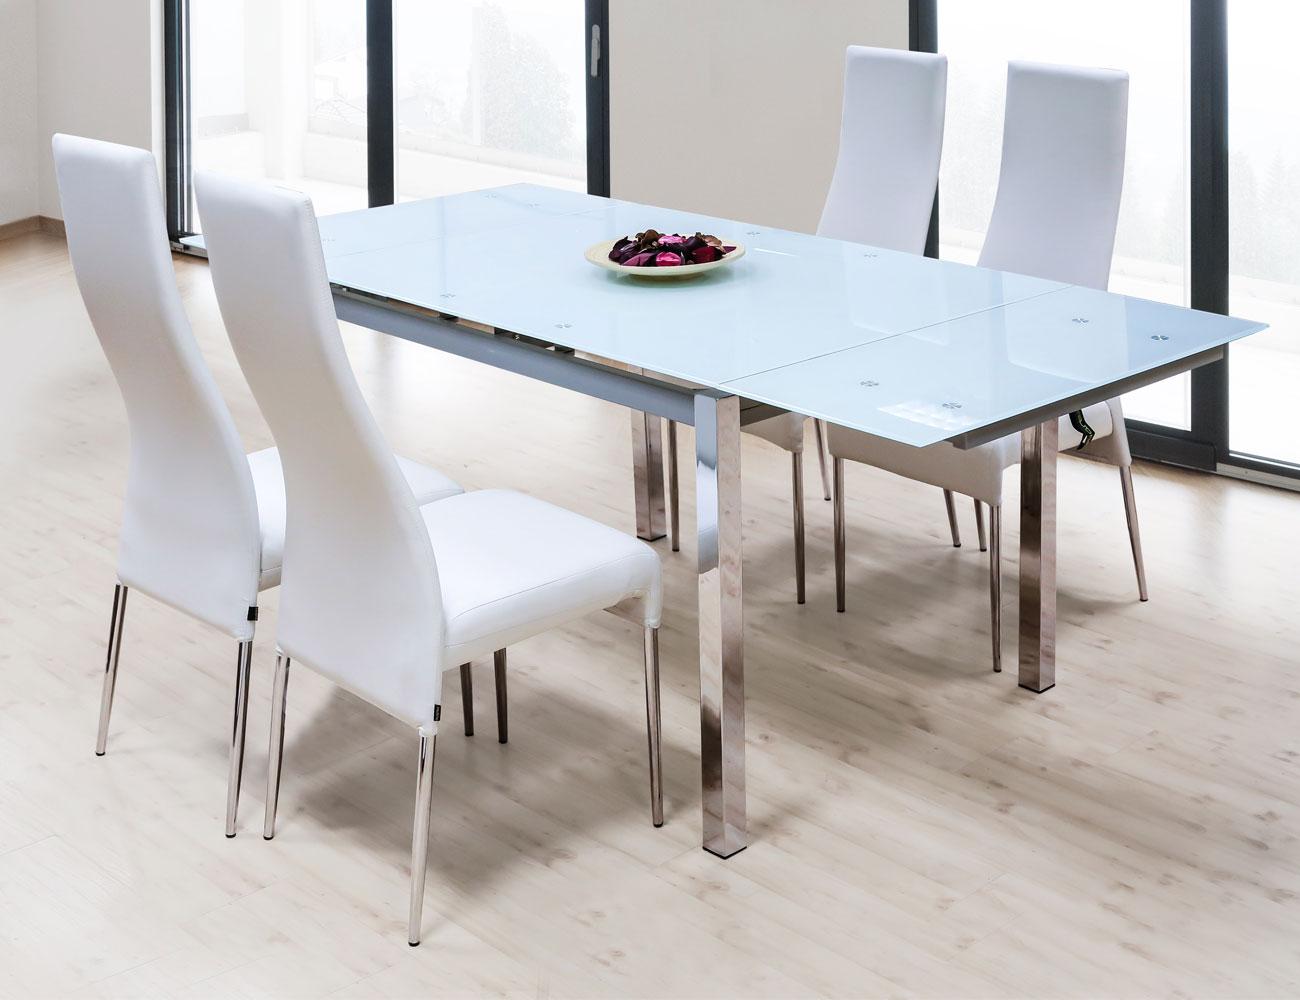 mesa de comedor de cristal templado extensible con alas On mesa cristal extensible